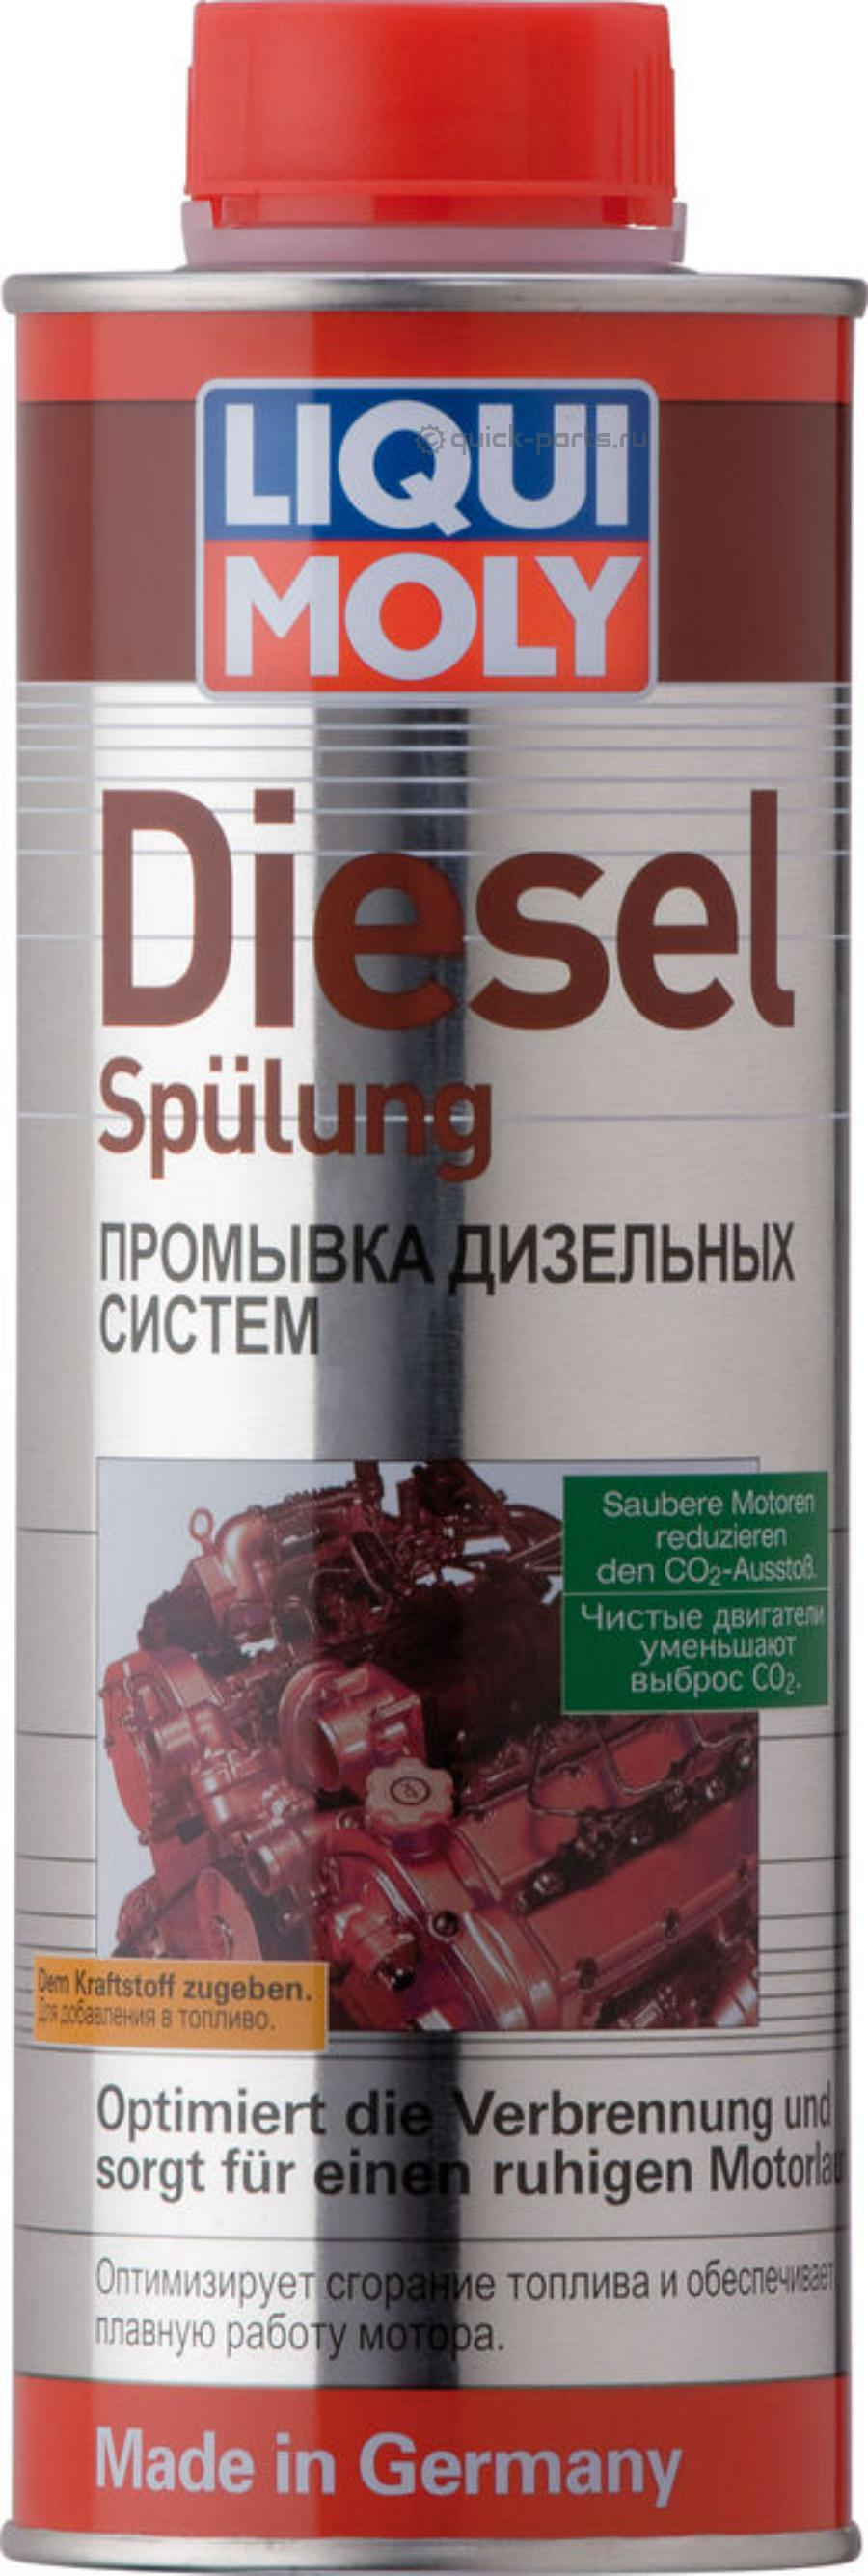 Промывка дизельных систем Diesel Spulung